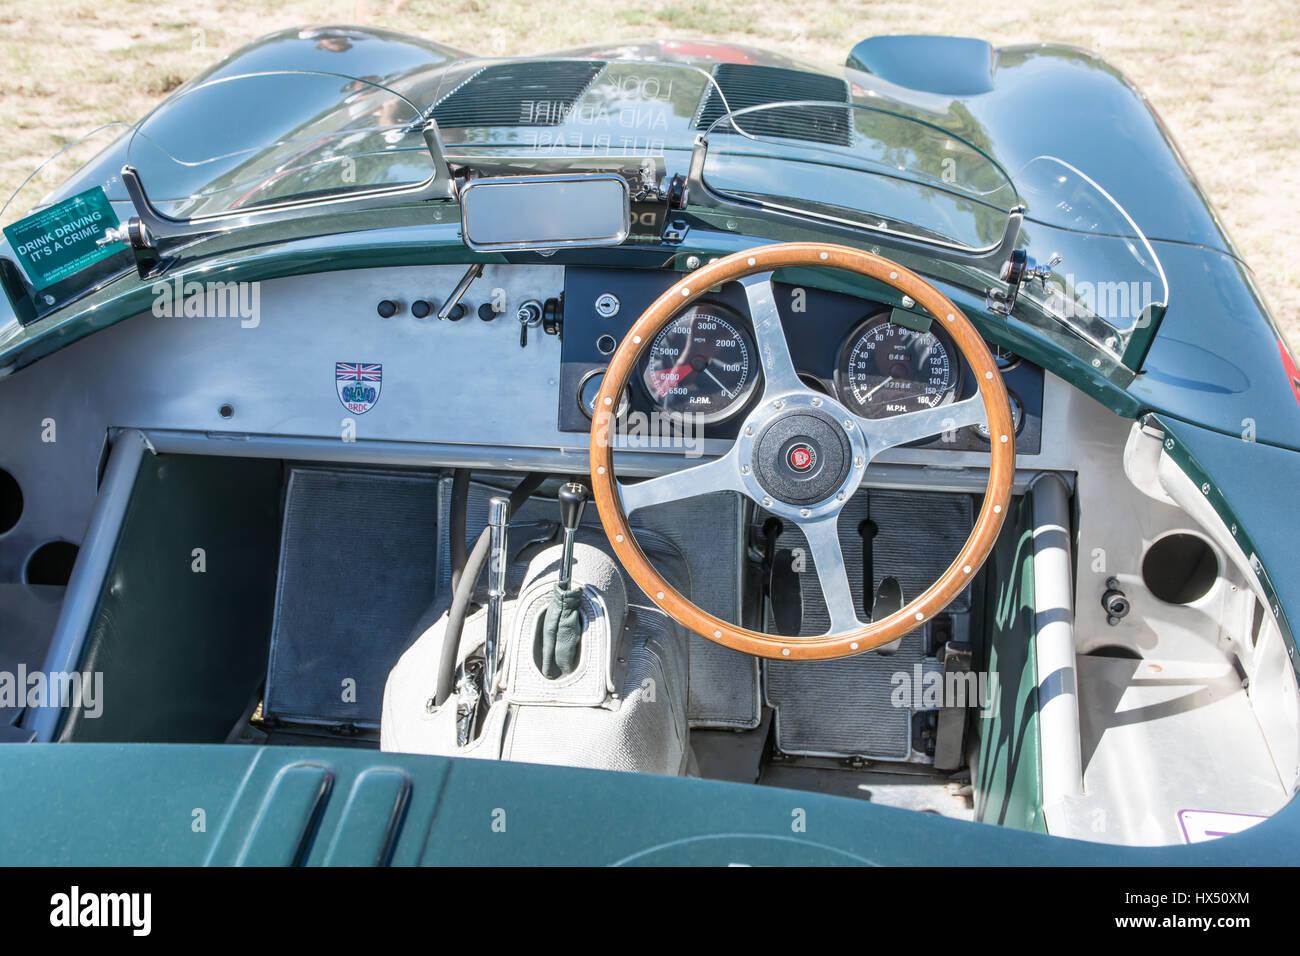 jaguar racing car stock photos u0026 jaguar racing car stock images